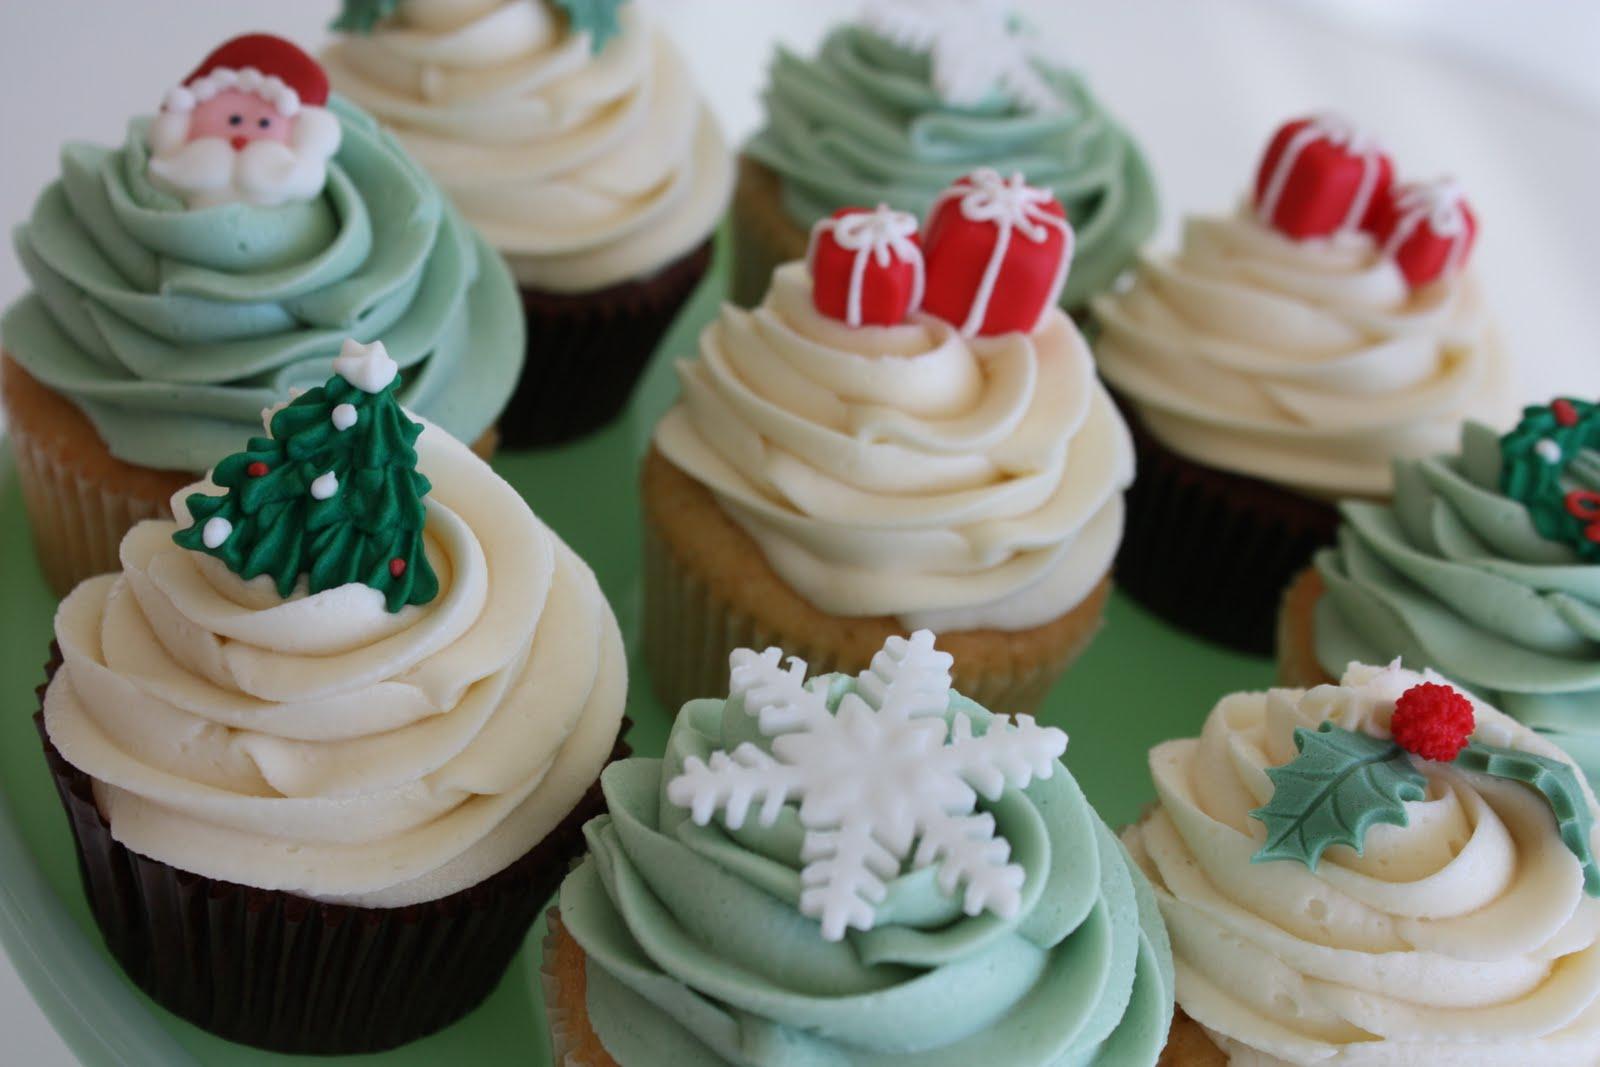 dolci di Natale calorici cupcake con zuccherini